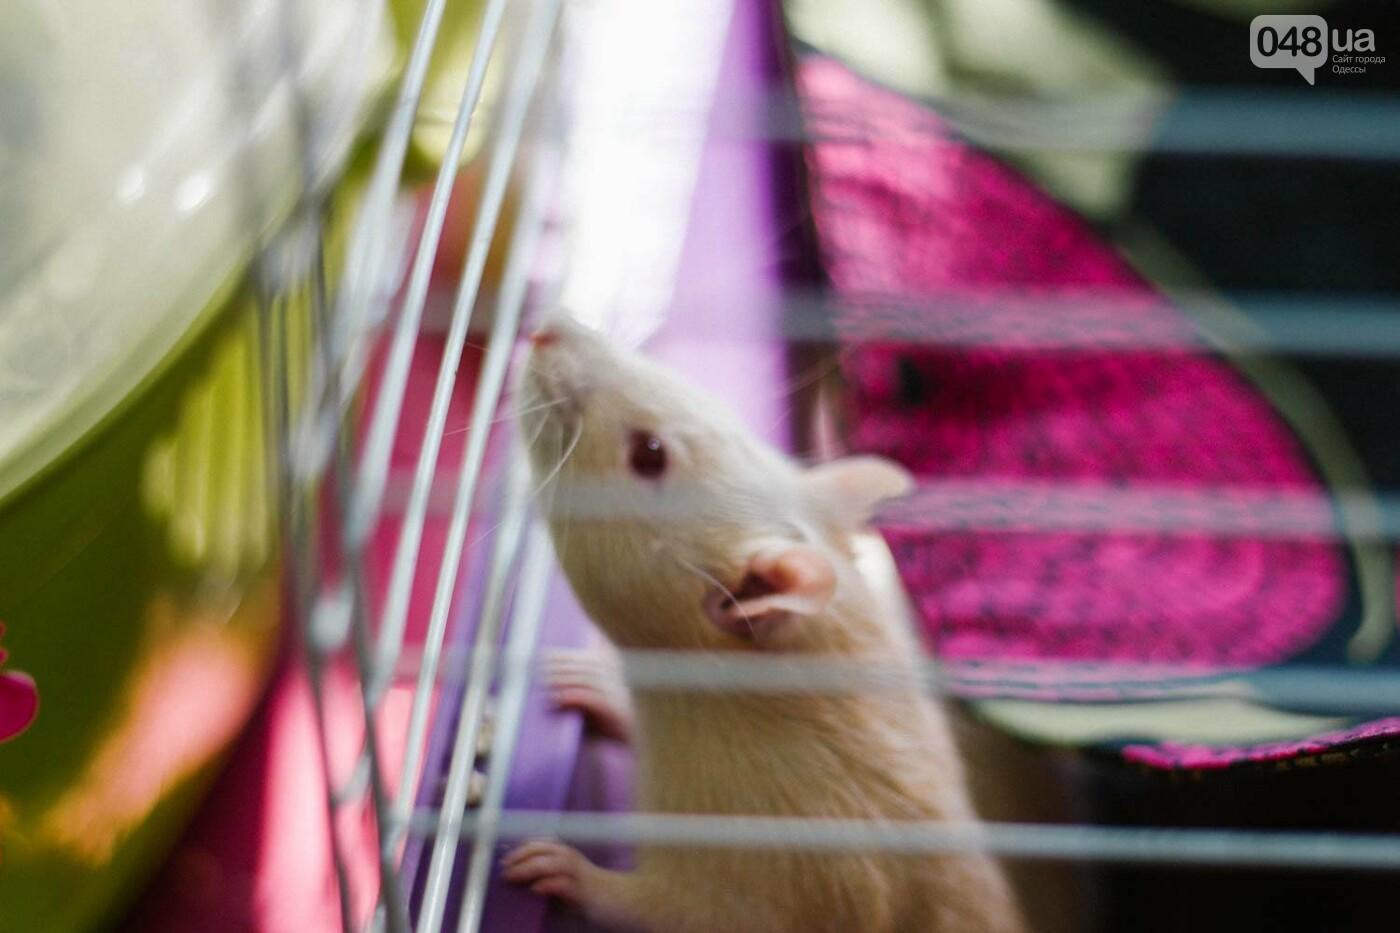 Канатоходцы, бегуны и модники: в Одессе крысам устроили необычный конкурс, - ФОТО, фото-6